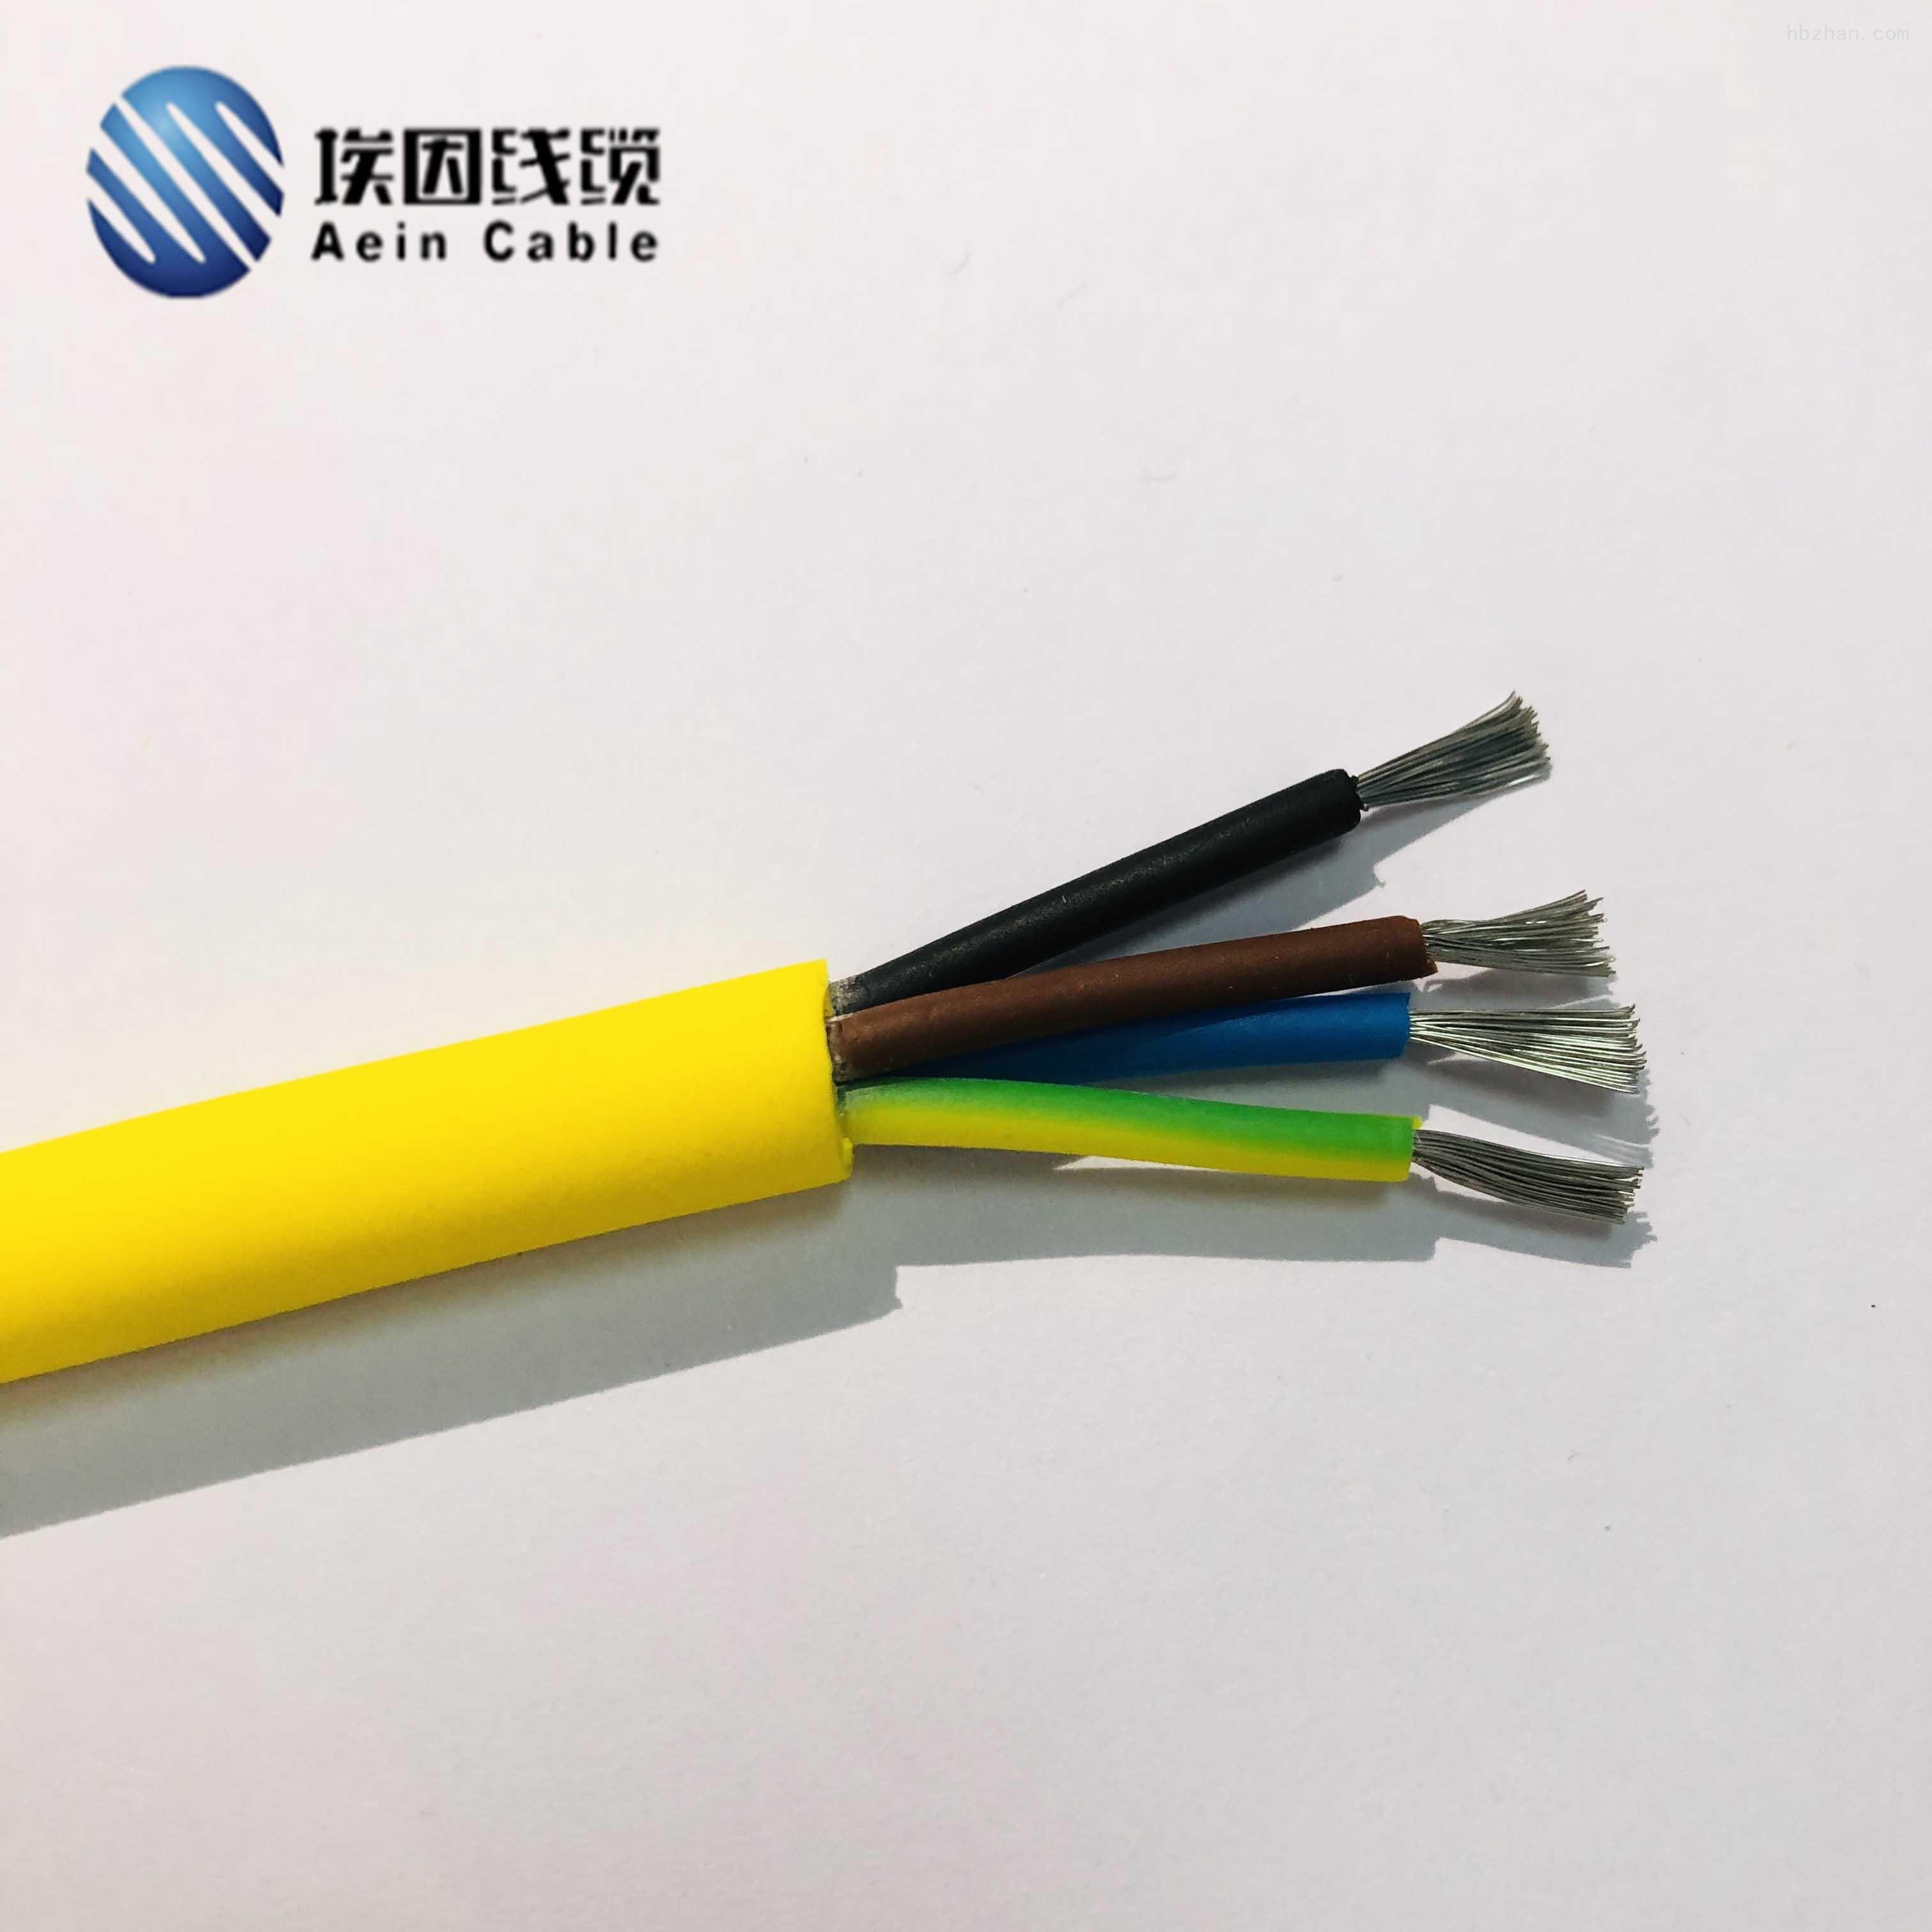 伺服电机电缆 2YSLCY-JB双层屏蔽欧标电缆